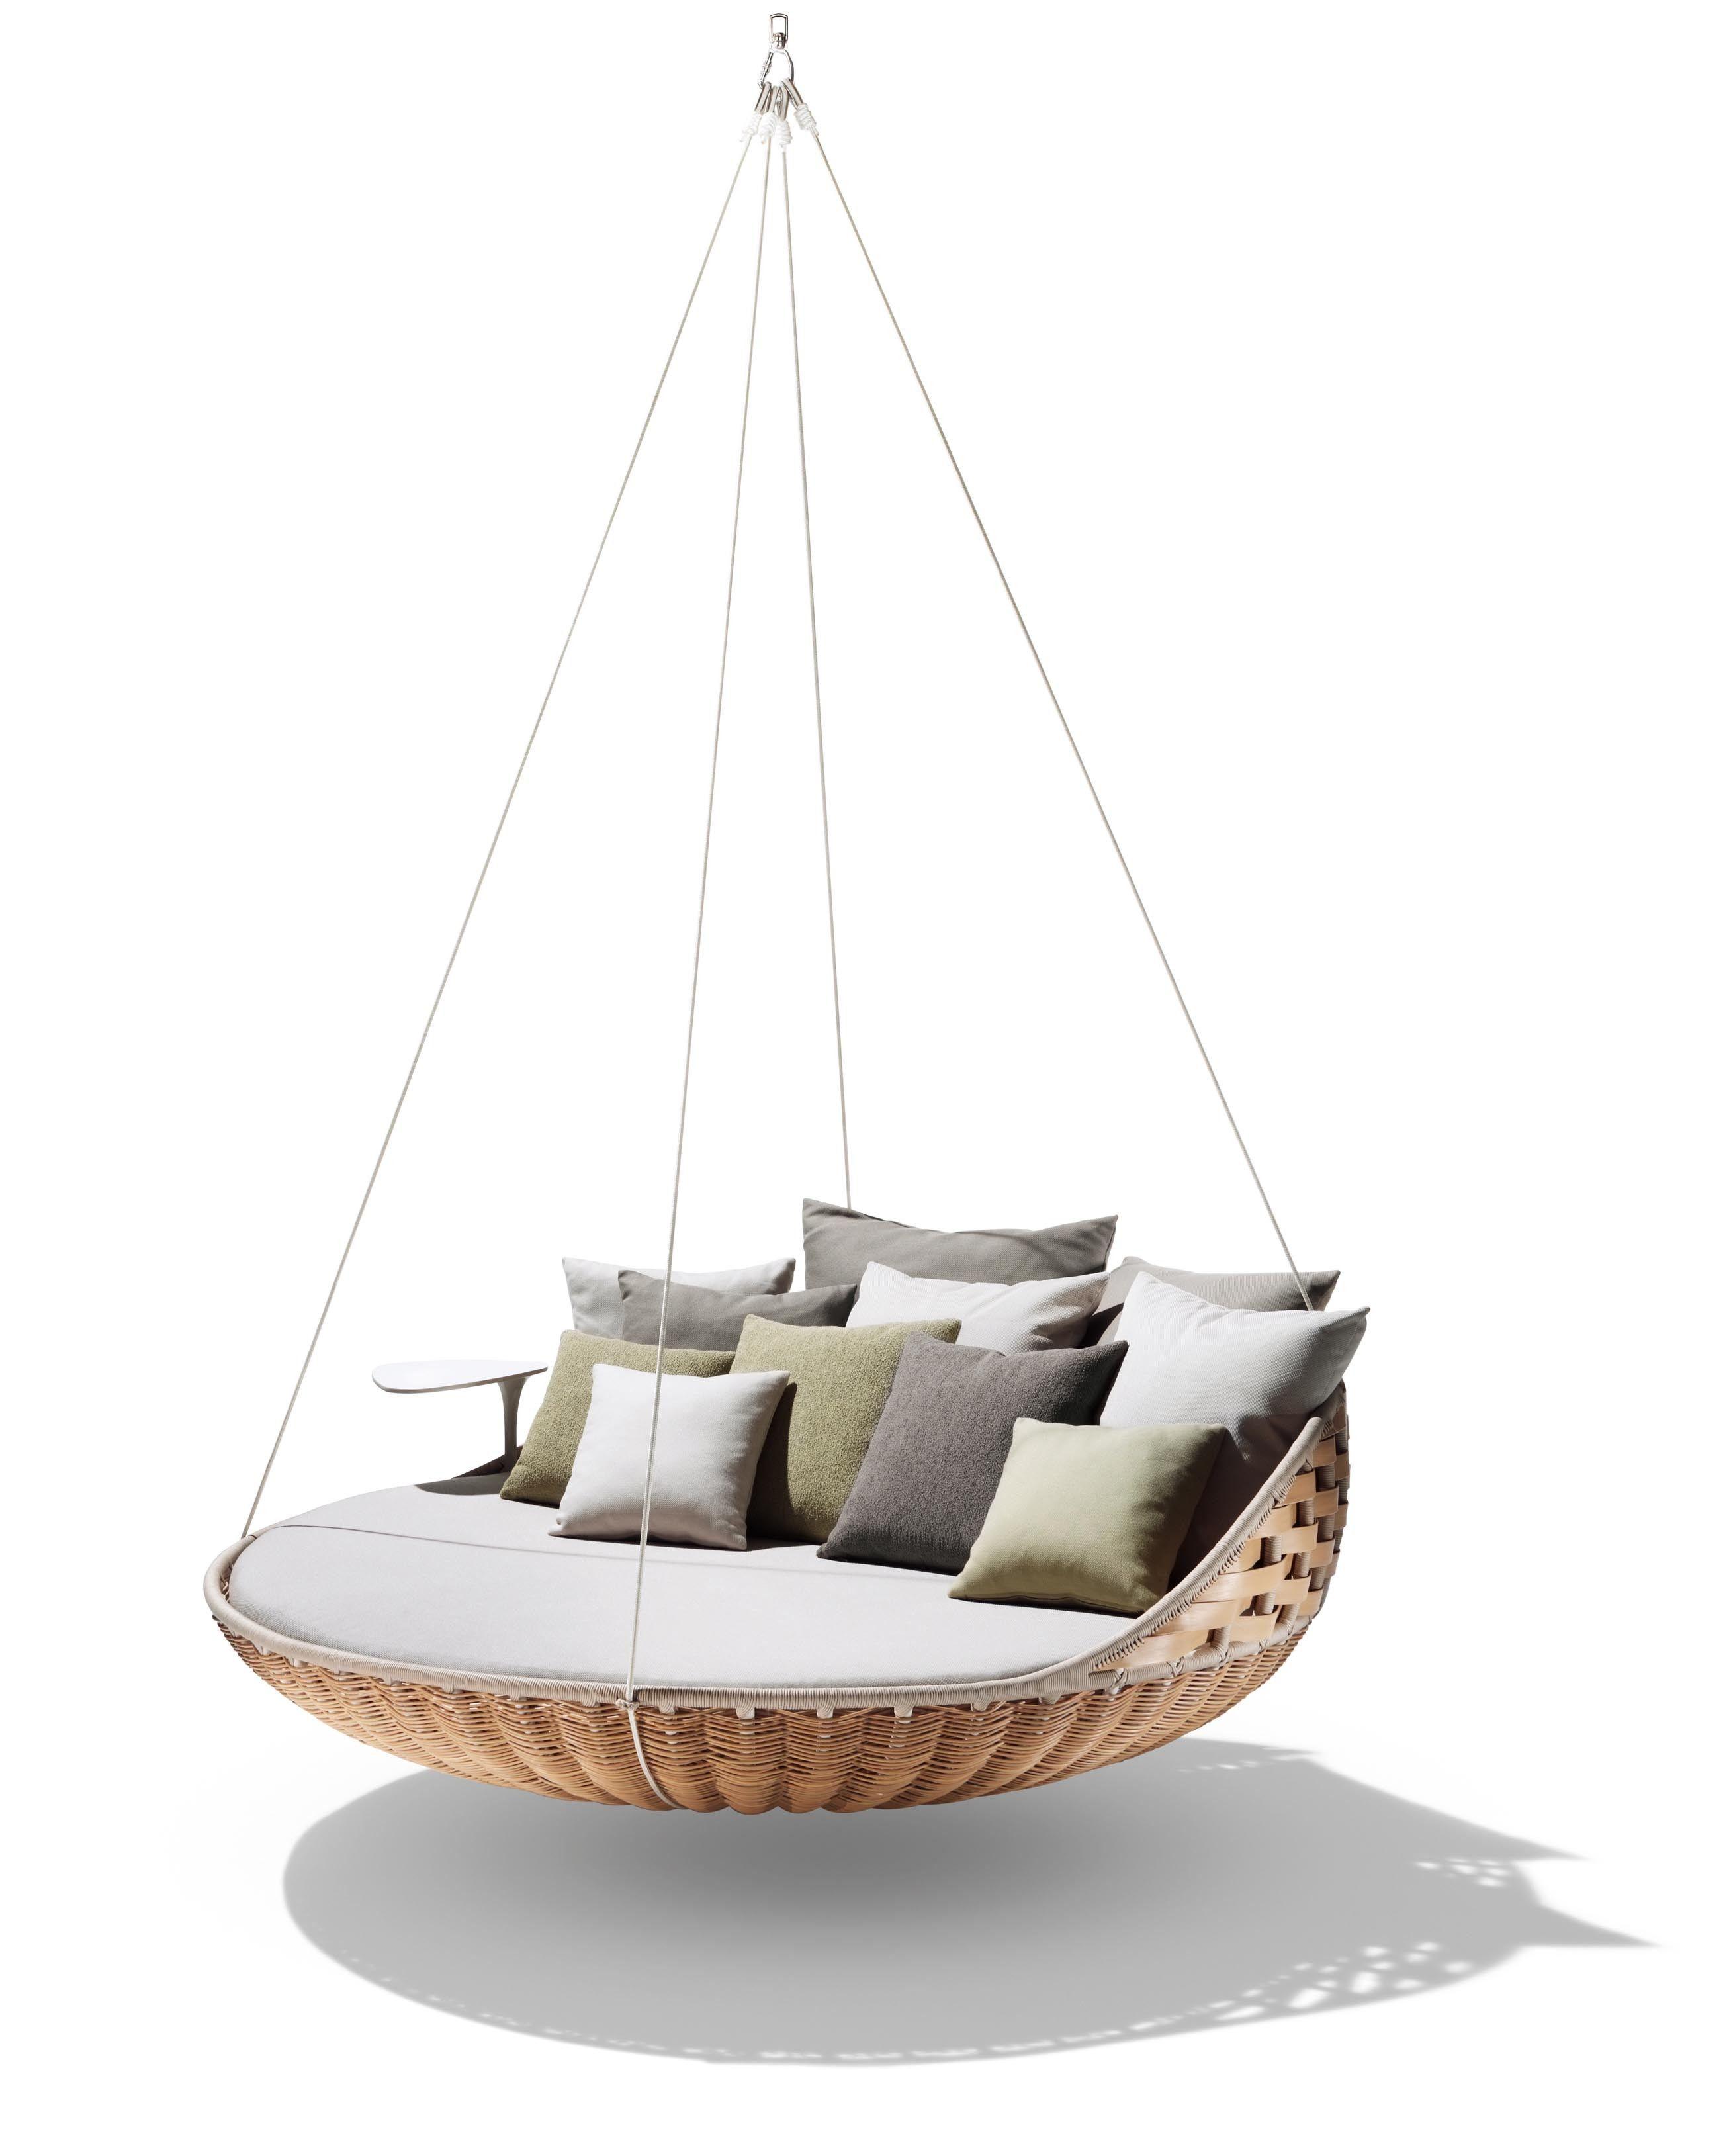 Super Dedon Swingrest Hanging Lounger Sofa In 2019 Outdoor Short Links Chair Design For Home Short Linksinfo